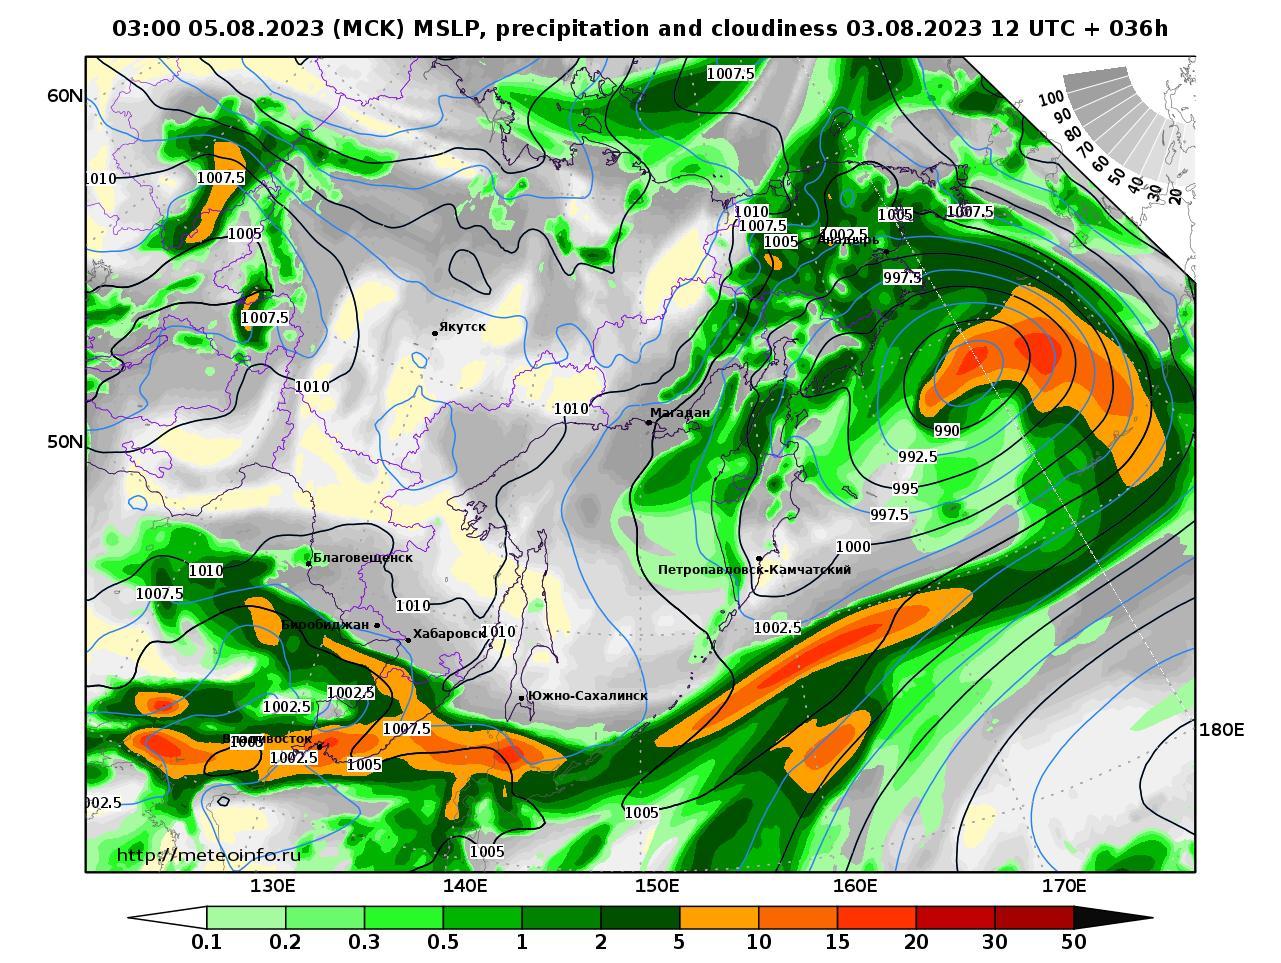 Дальний Восток, прогностическая карта осадки и давление, заблаговременность прогноза 36 часов